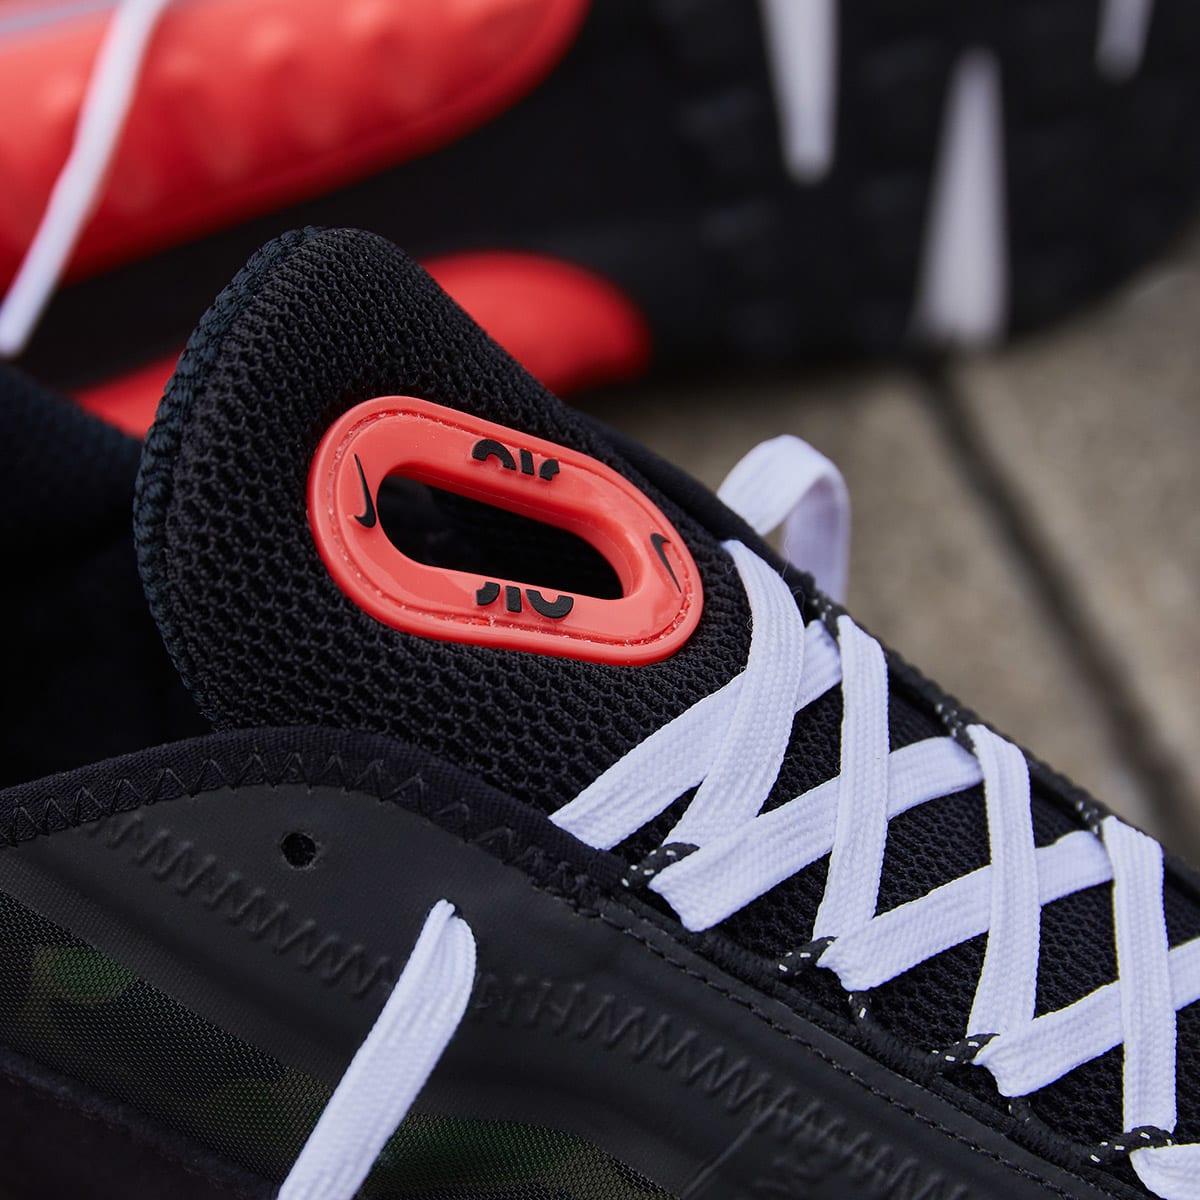 Nike Air Max Duck Camo Pack